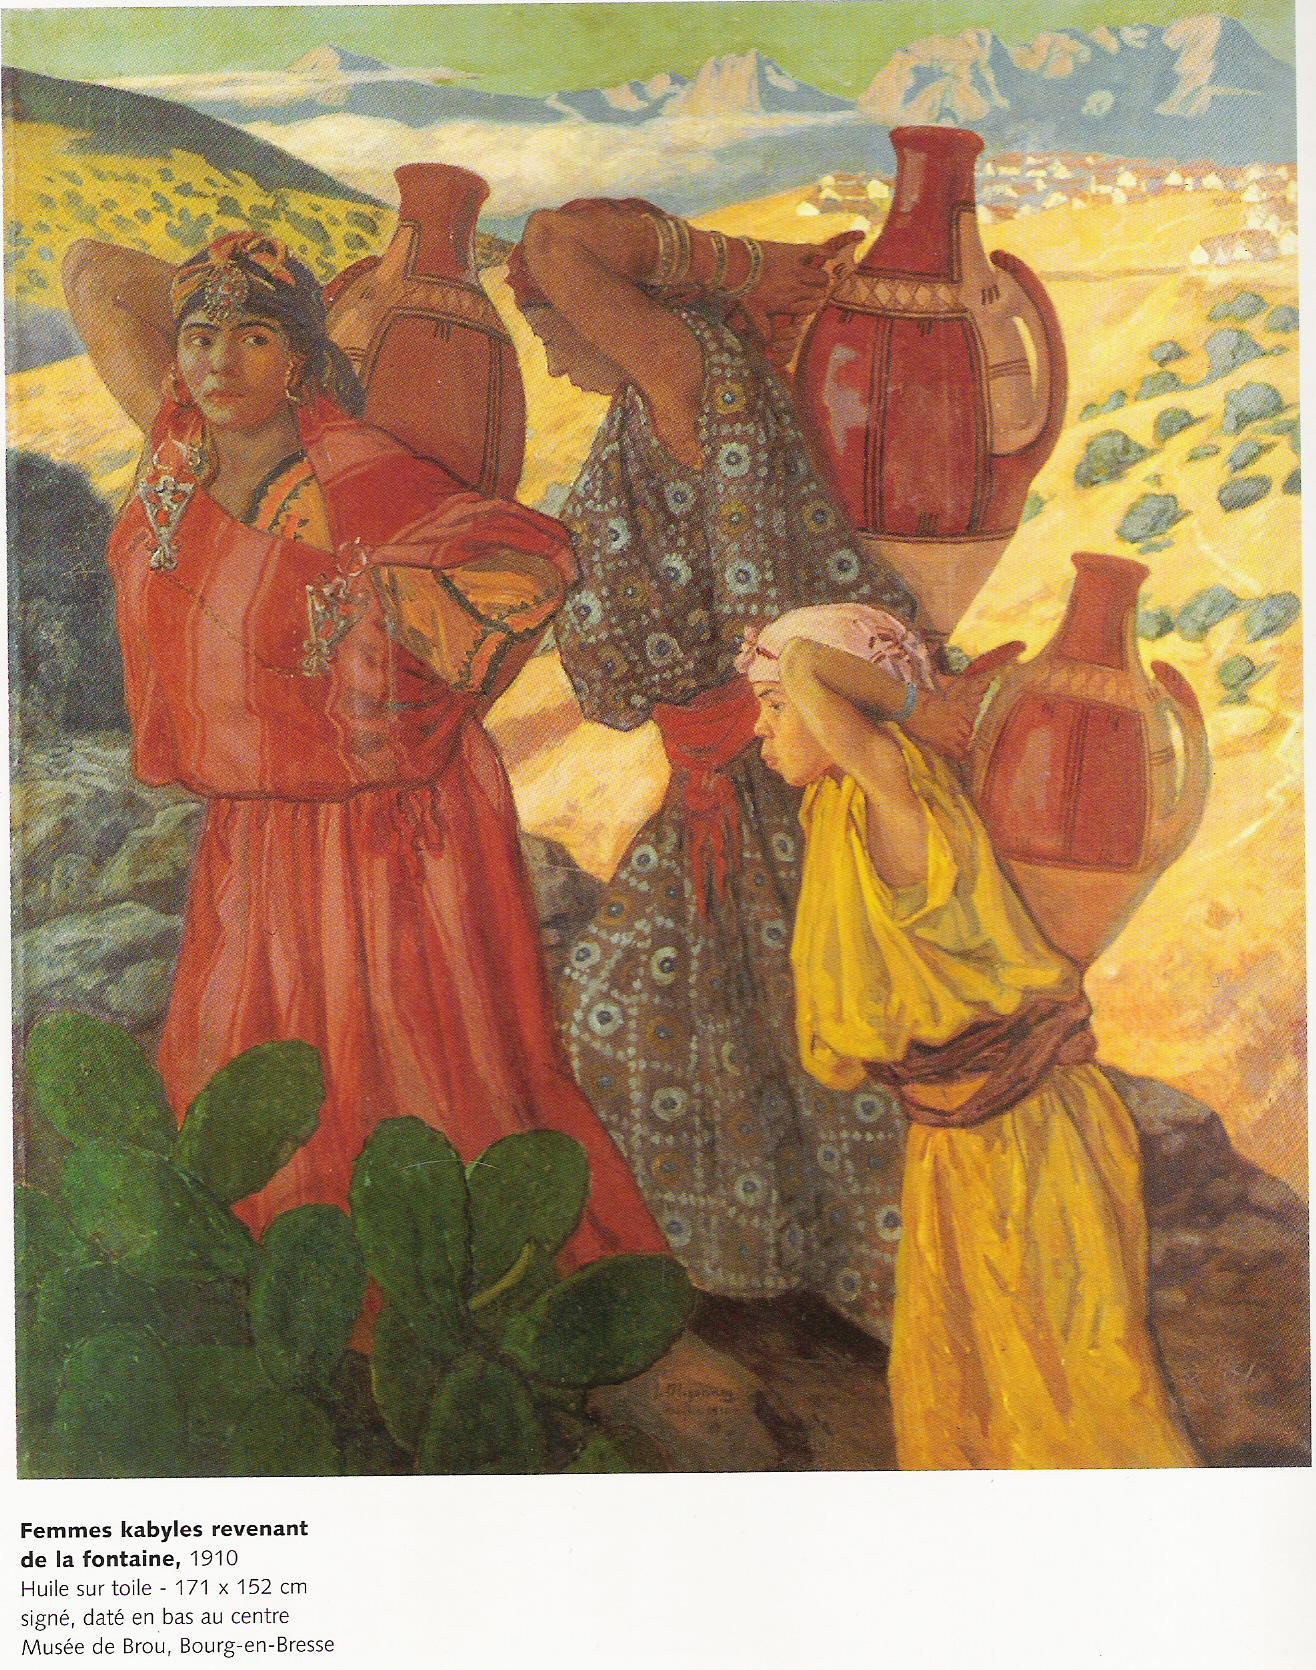 Femmes Kabyles revenant de la fontaine-1910-Jules Migonney-Huile sur toile 171x152cm-Musée de Brou à Bourg en Bresse